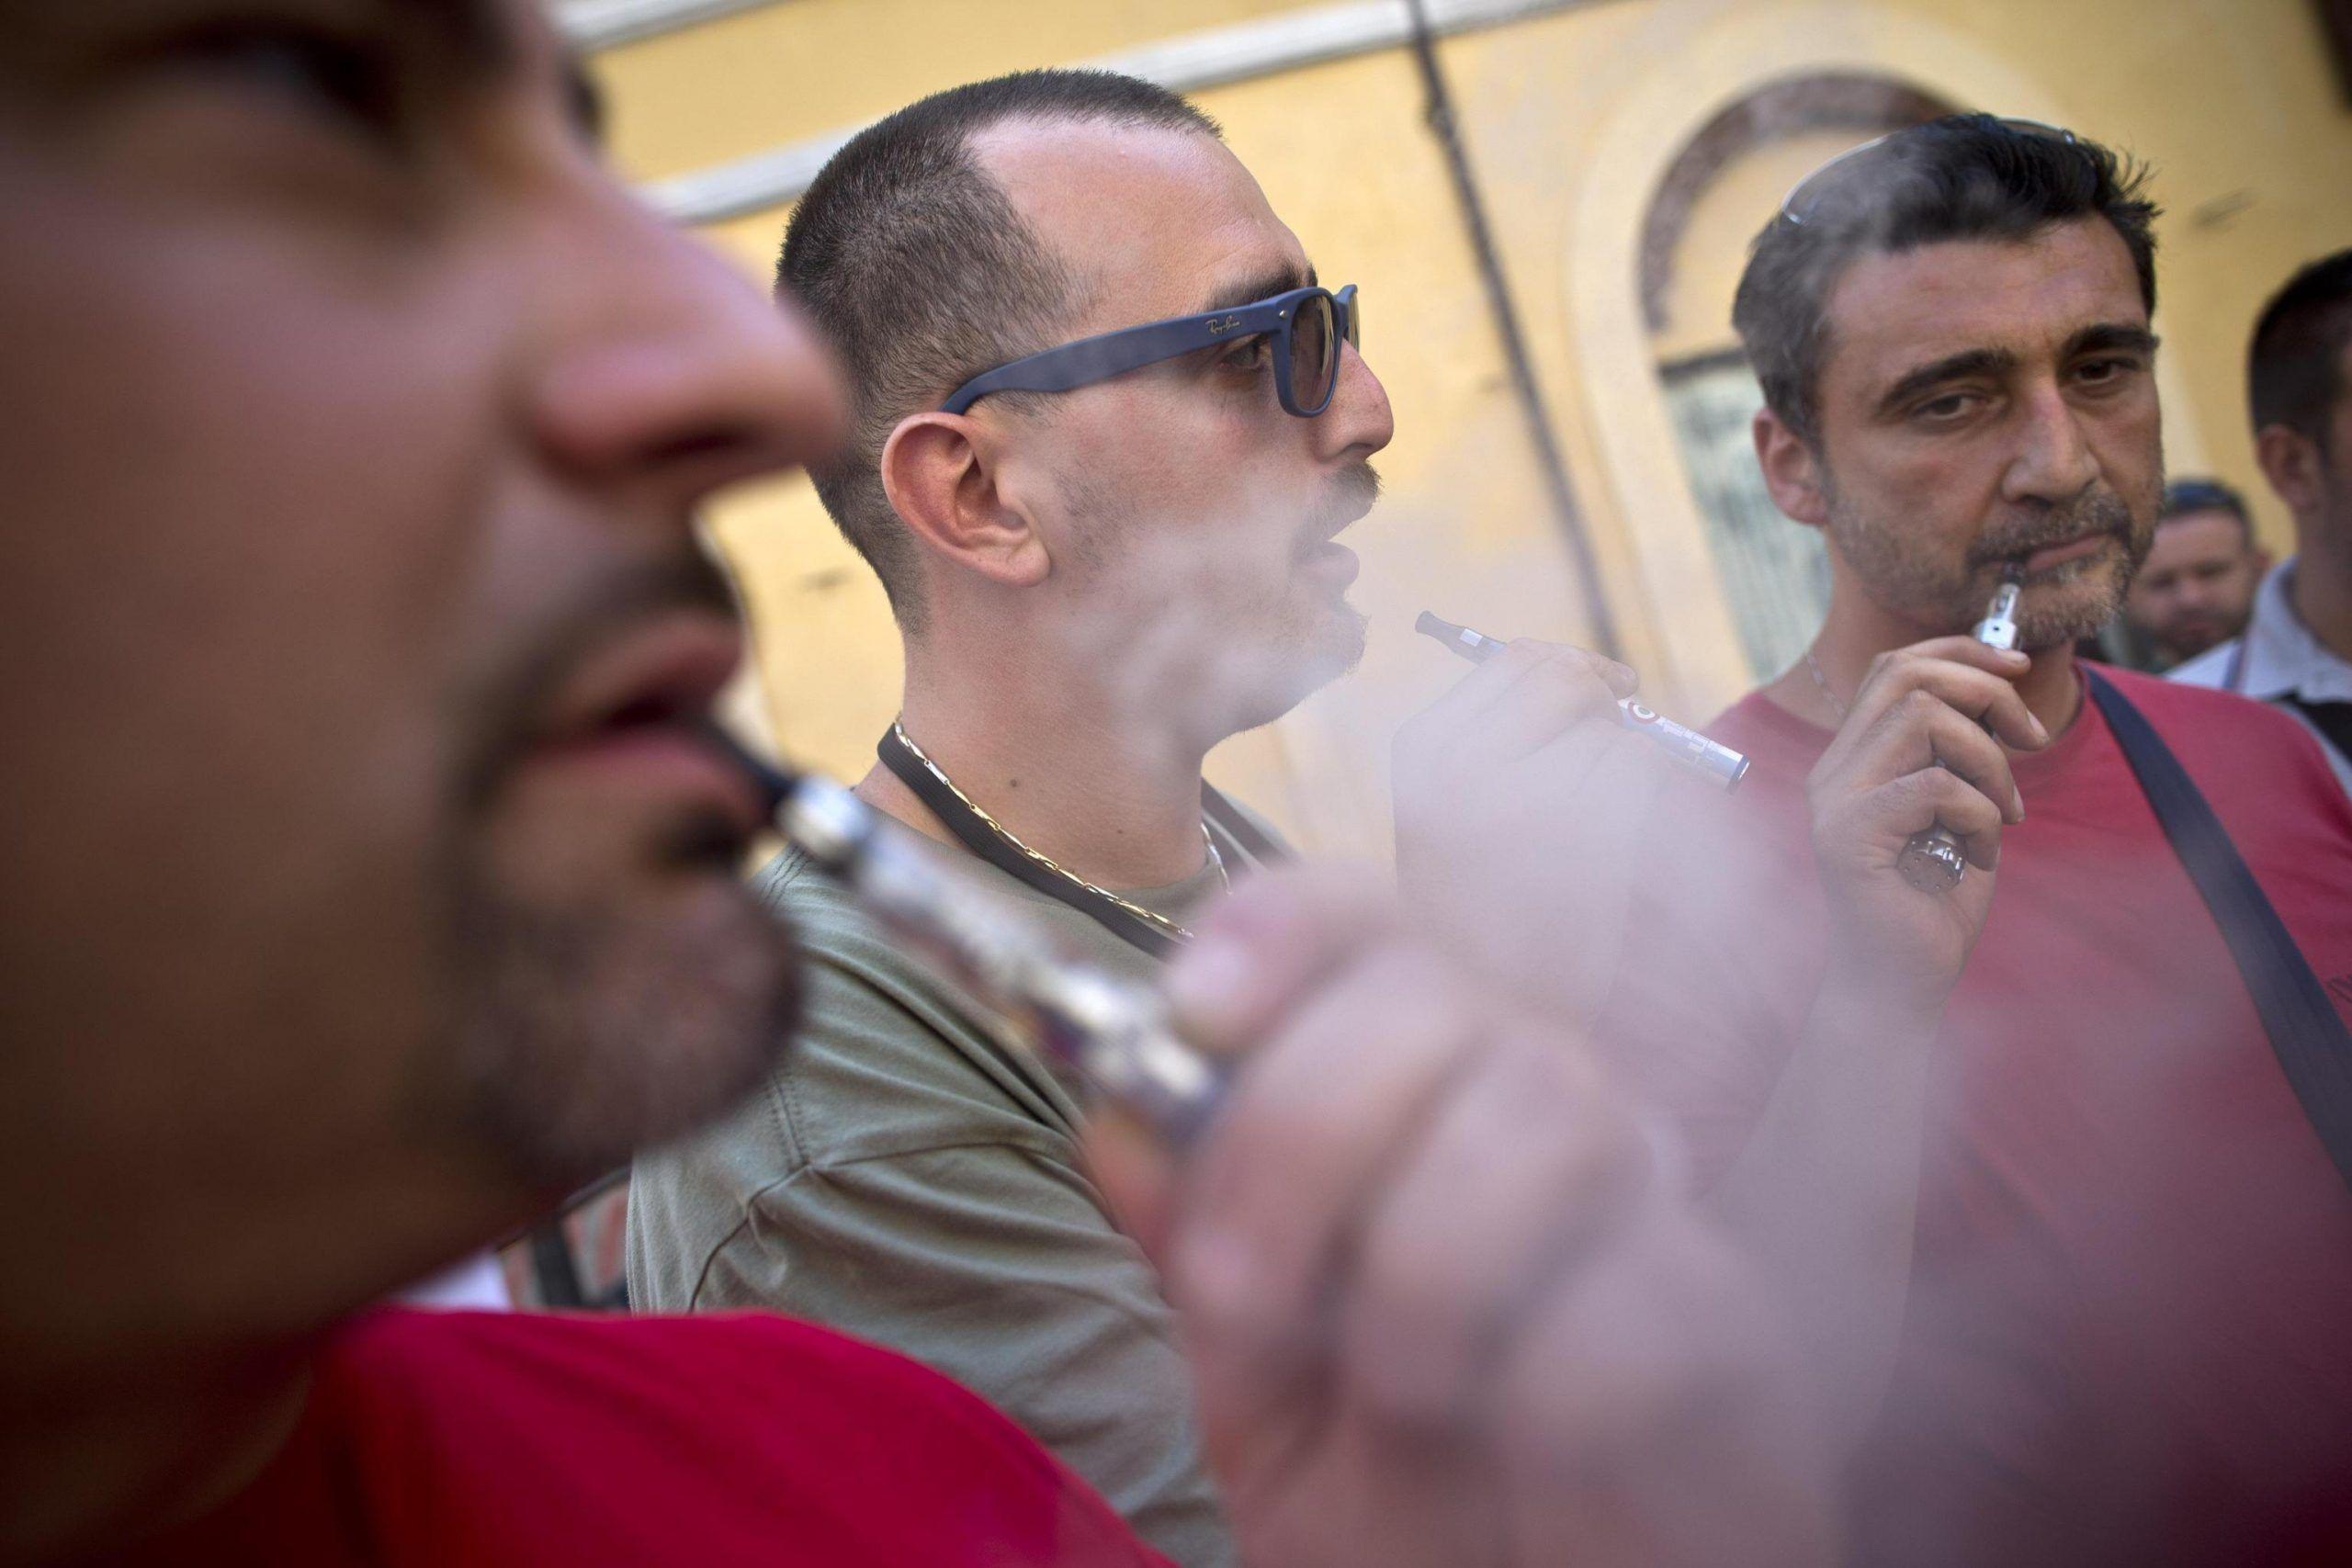 Le sigarette elettroniche dannose per il Dna